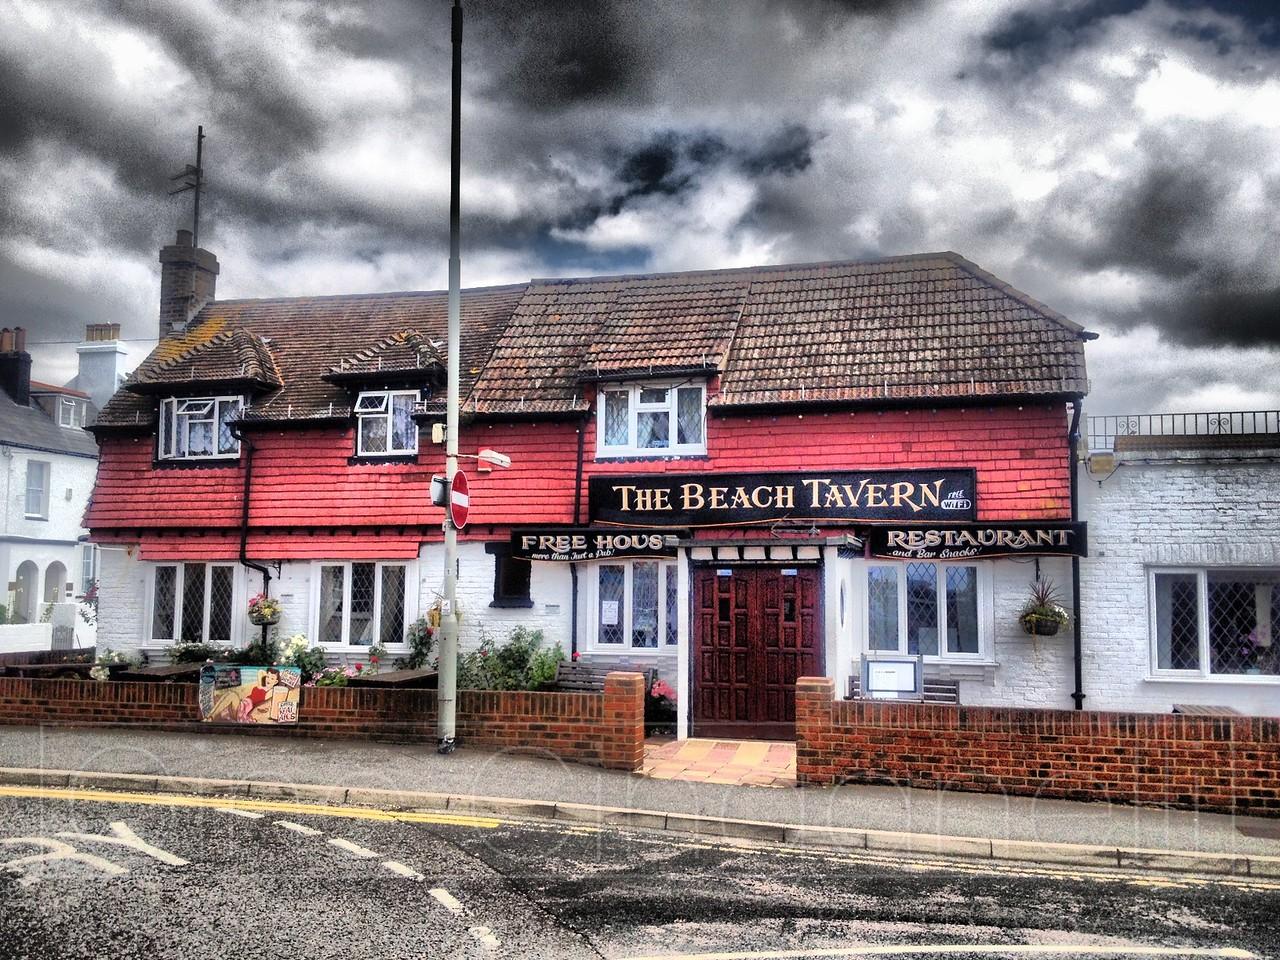 The Beach Tavern